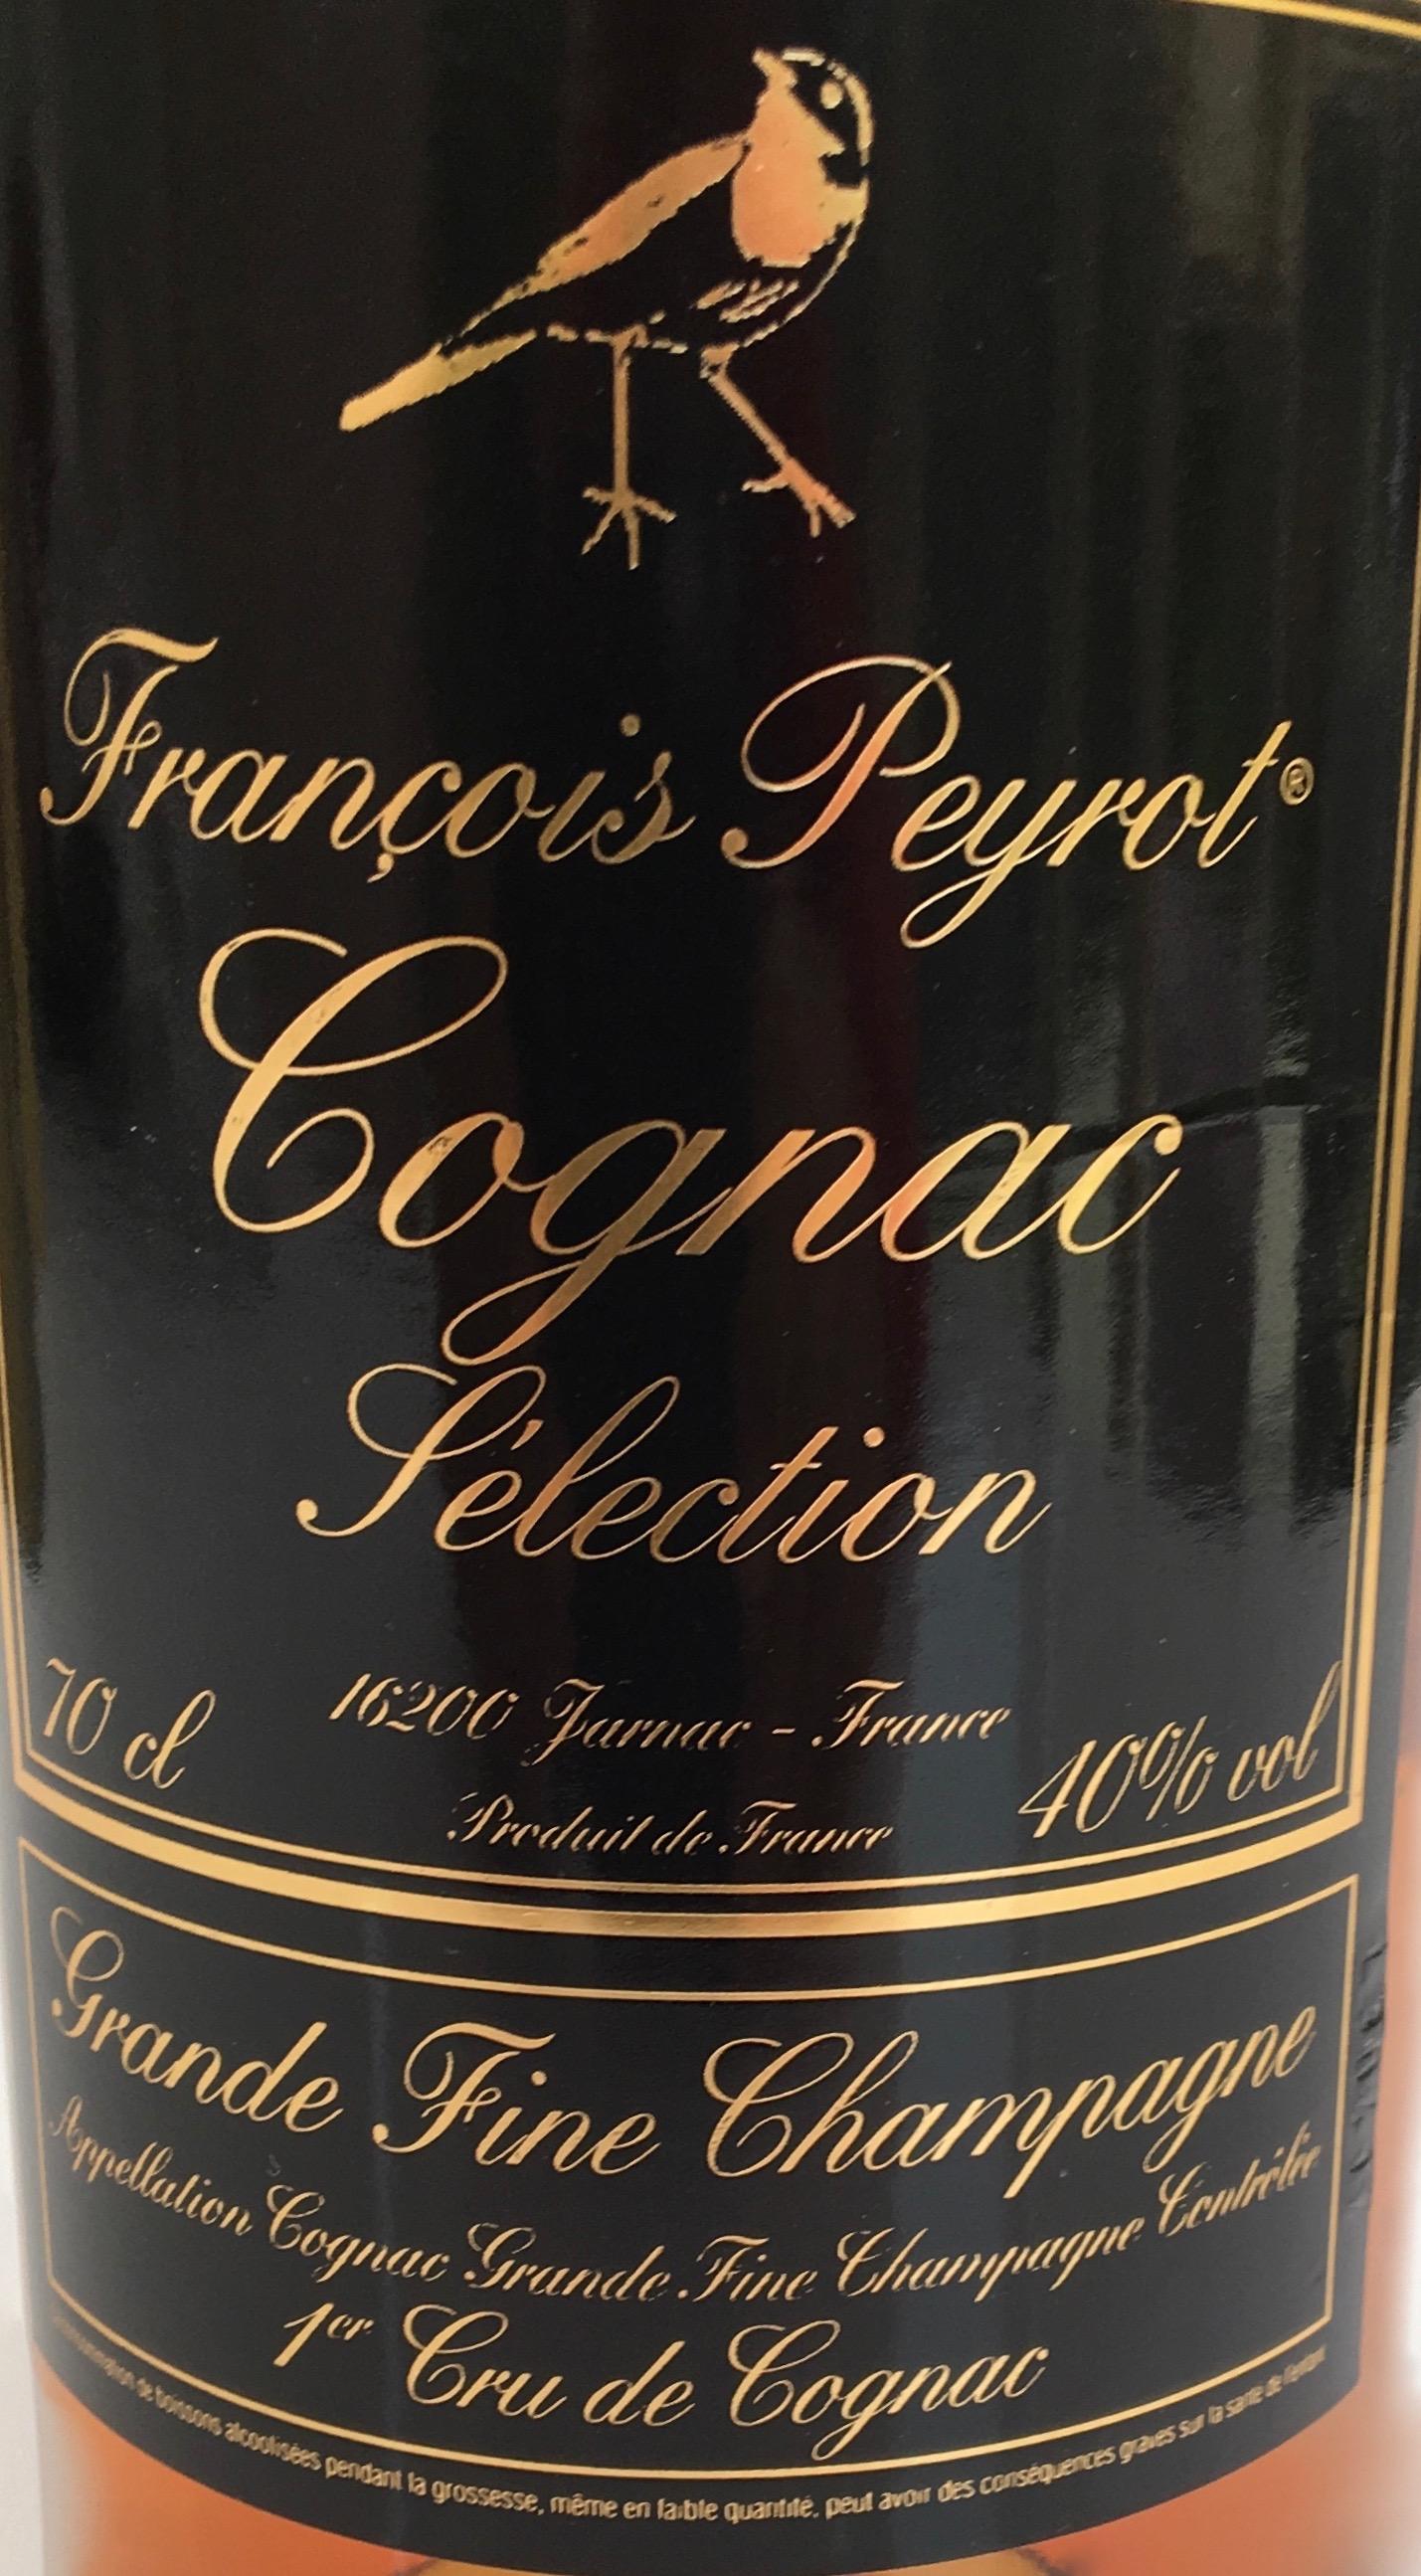 François Peyrot Sélection Cognac